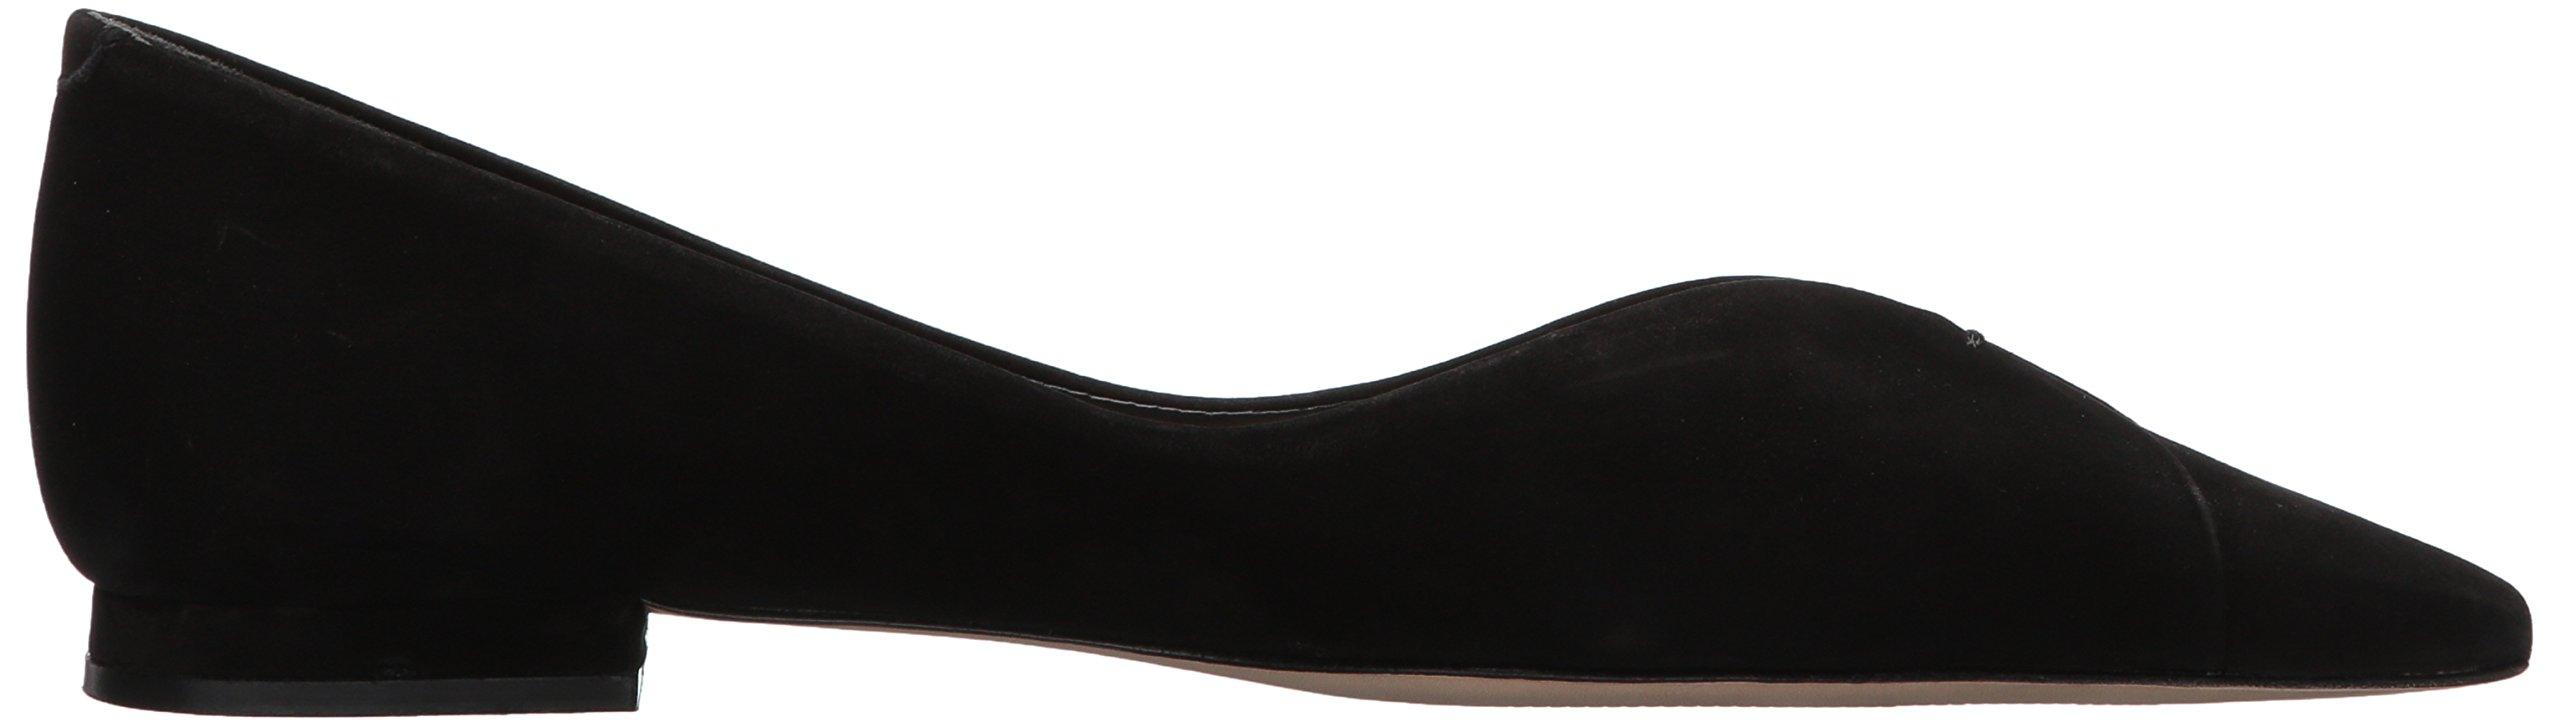 SCHUTZ Women's Sasha Ballet Flat, Black, 9.5 M US by SCHUTZ (Image #6)